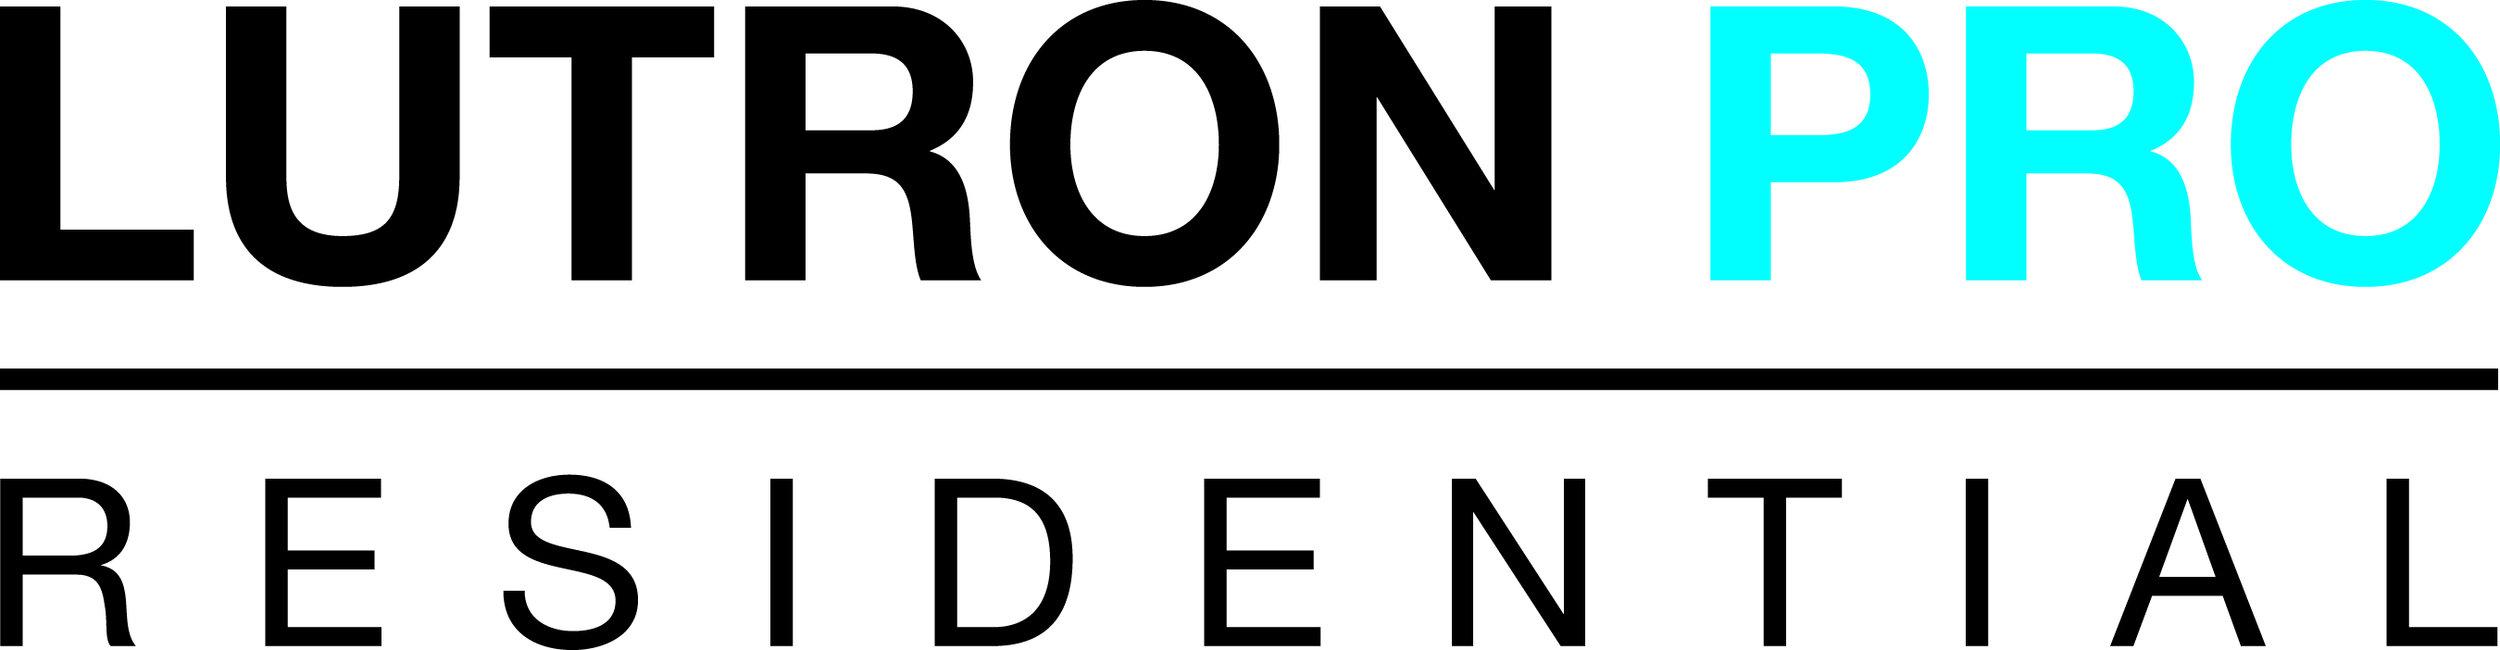 Lutron_PRO_Residential_Logo_KB.JPG